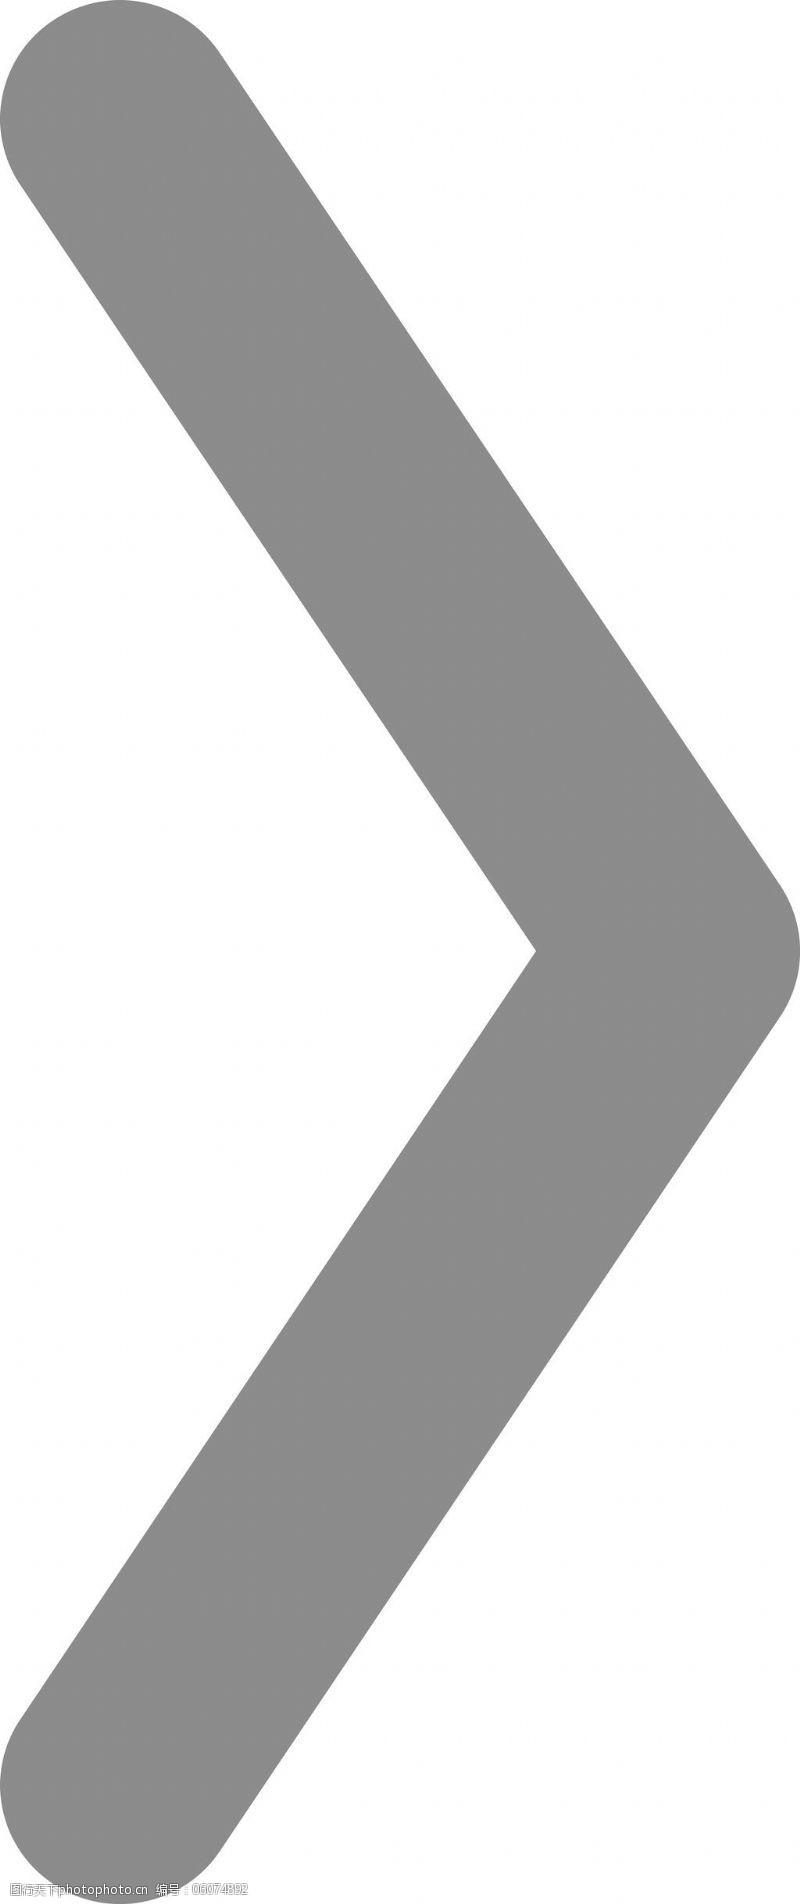 箭头图标免费下载36字形箭头图标